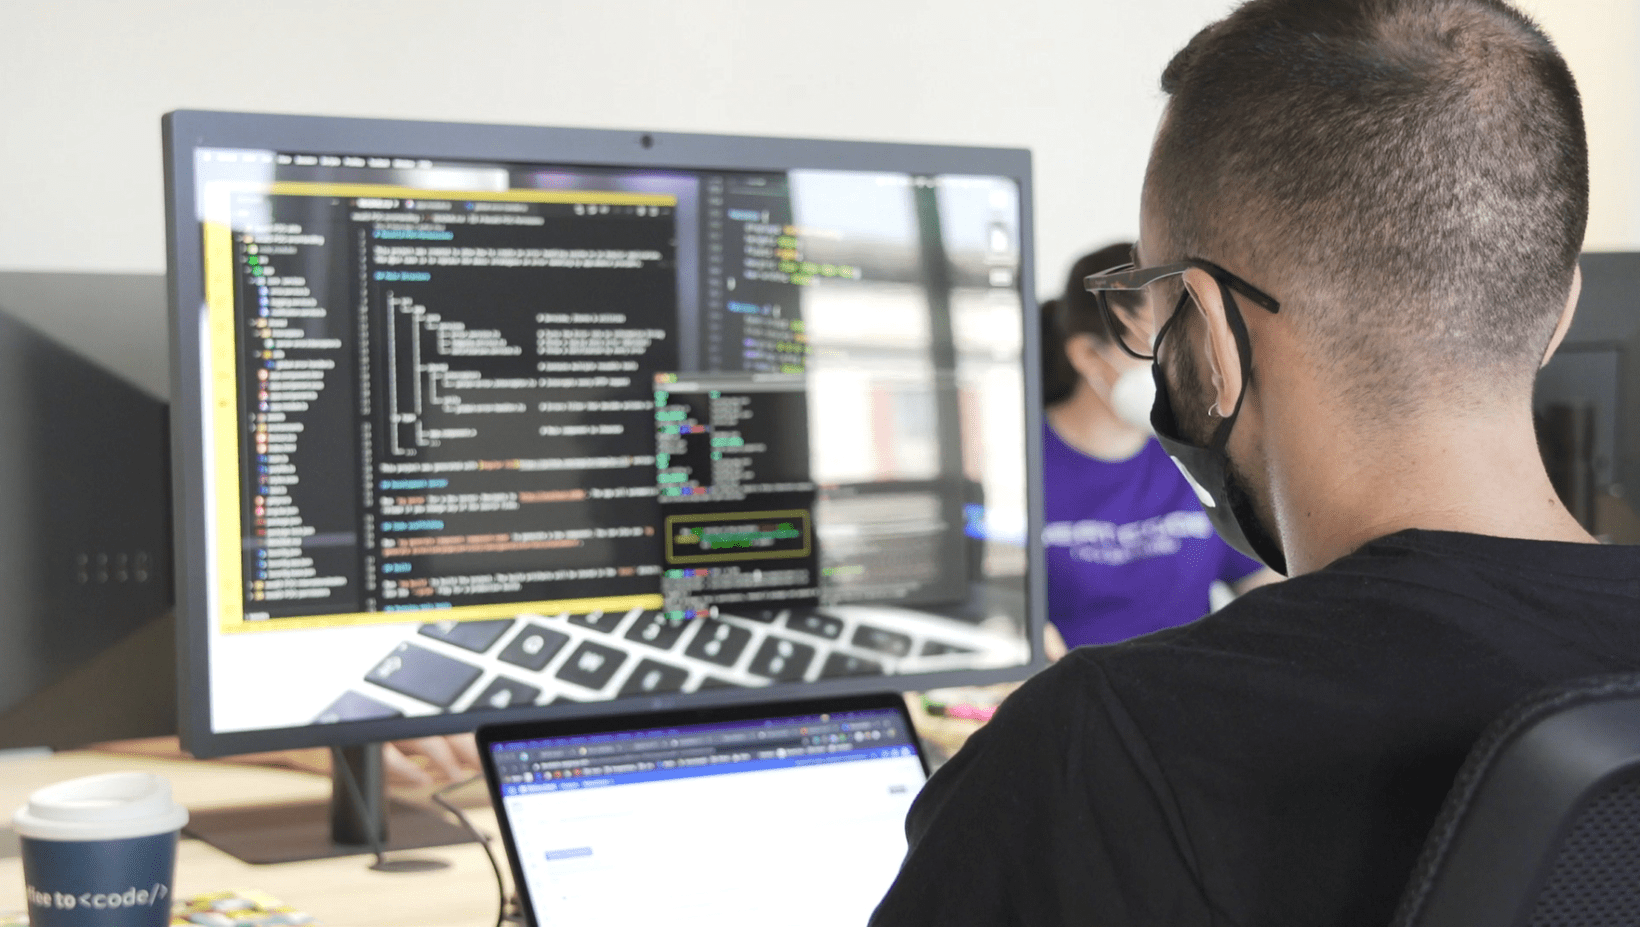 西雅特通过整合其软件研发中心 推出移动出行平台